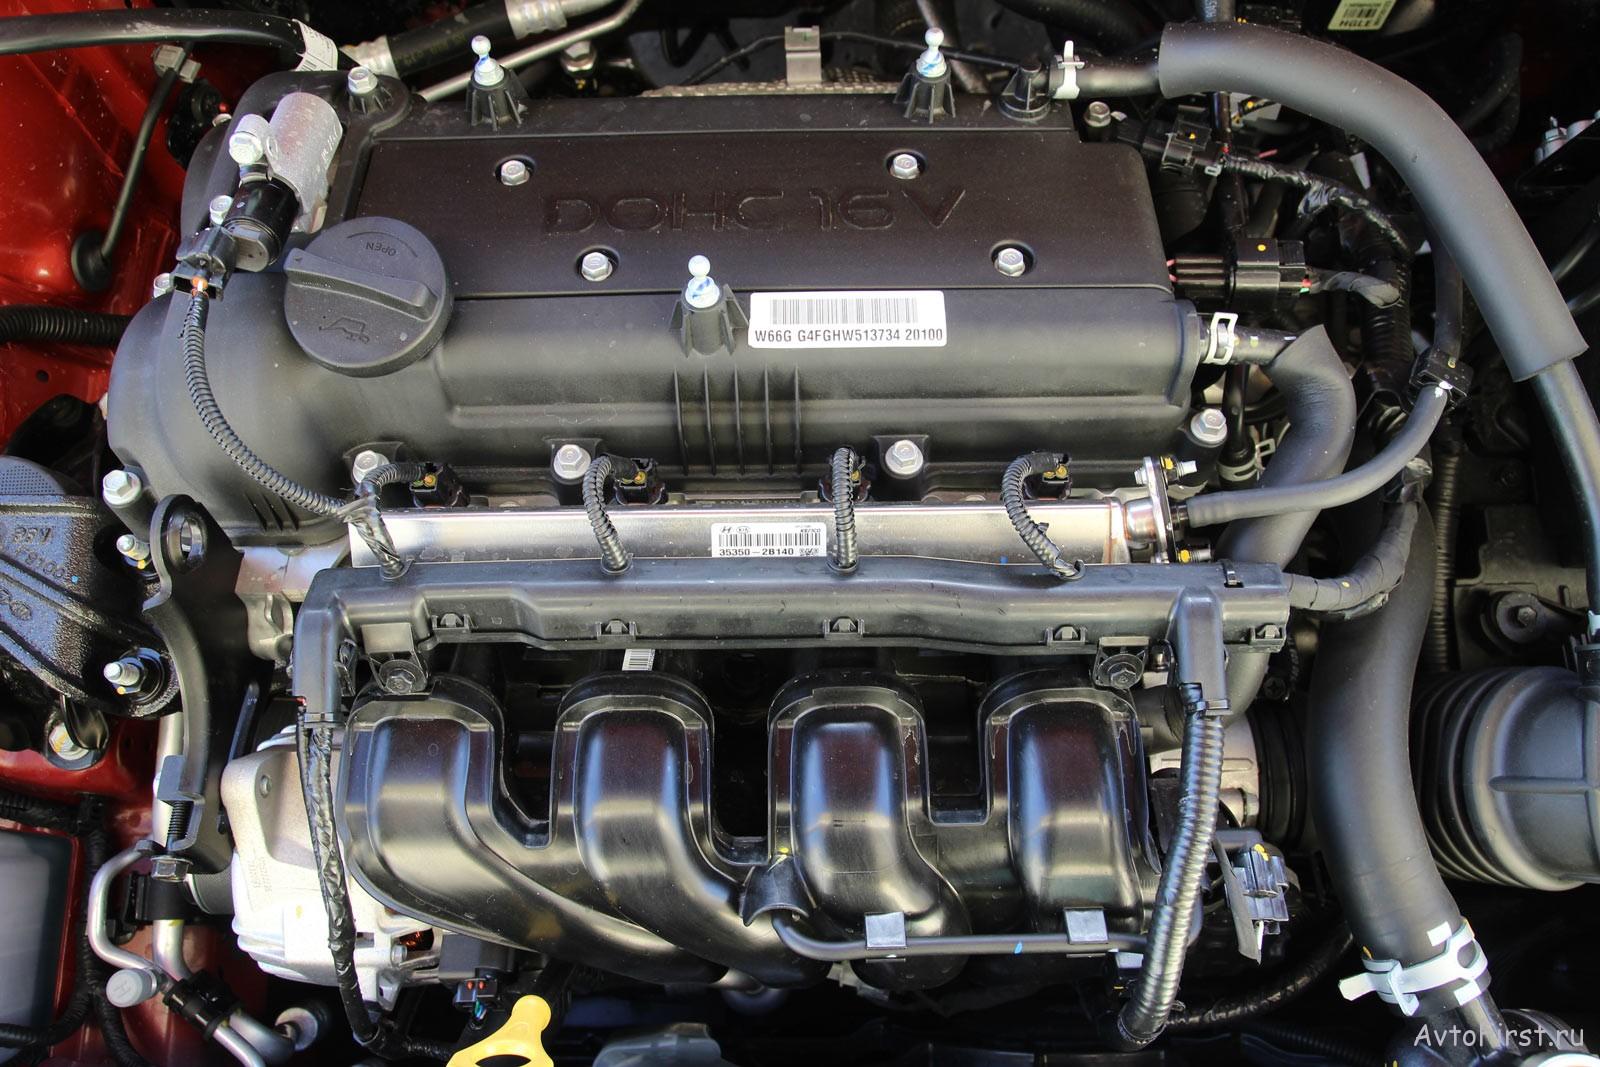 Атмосферный двигатель 1.6 л / 123 л.с.